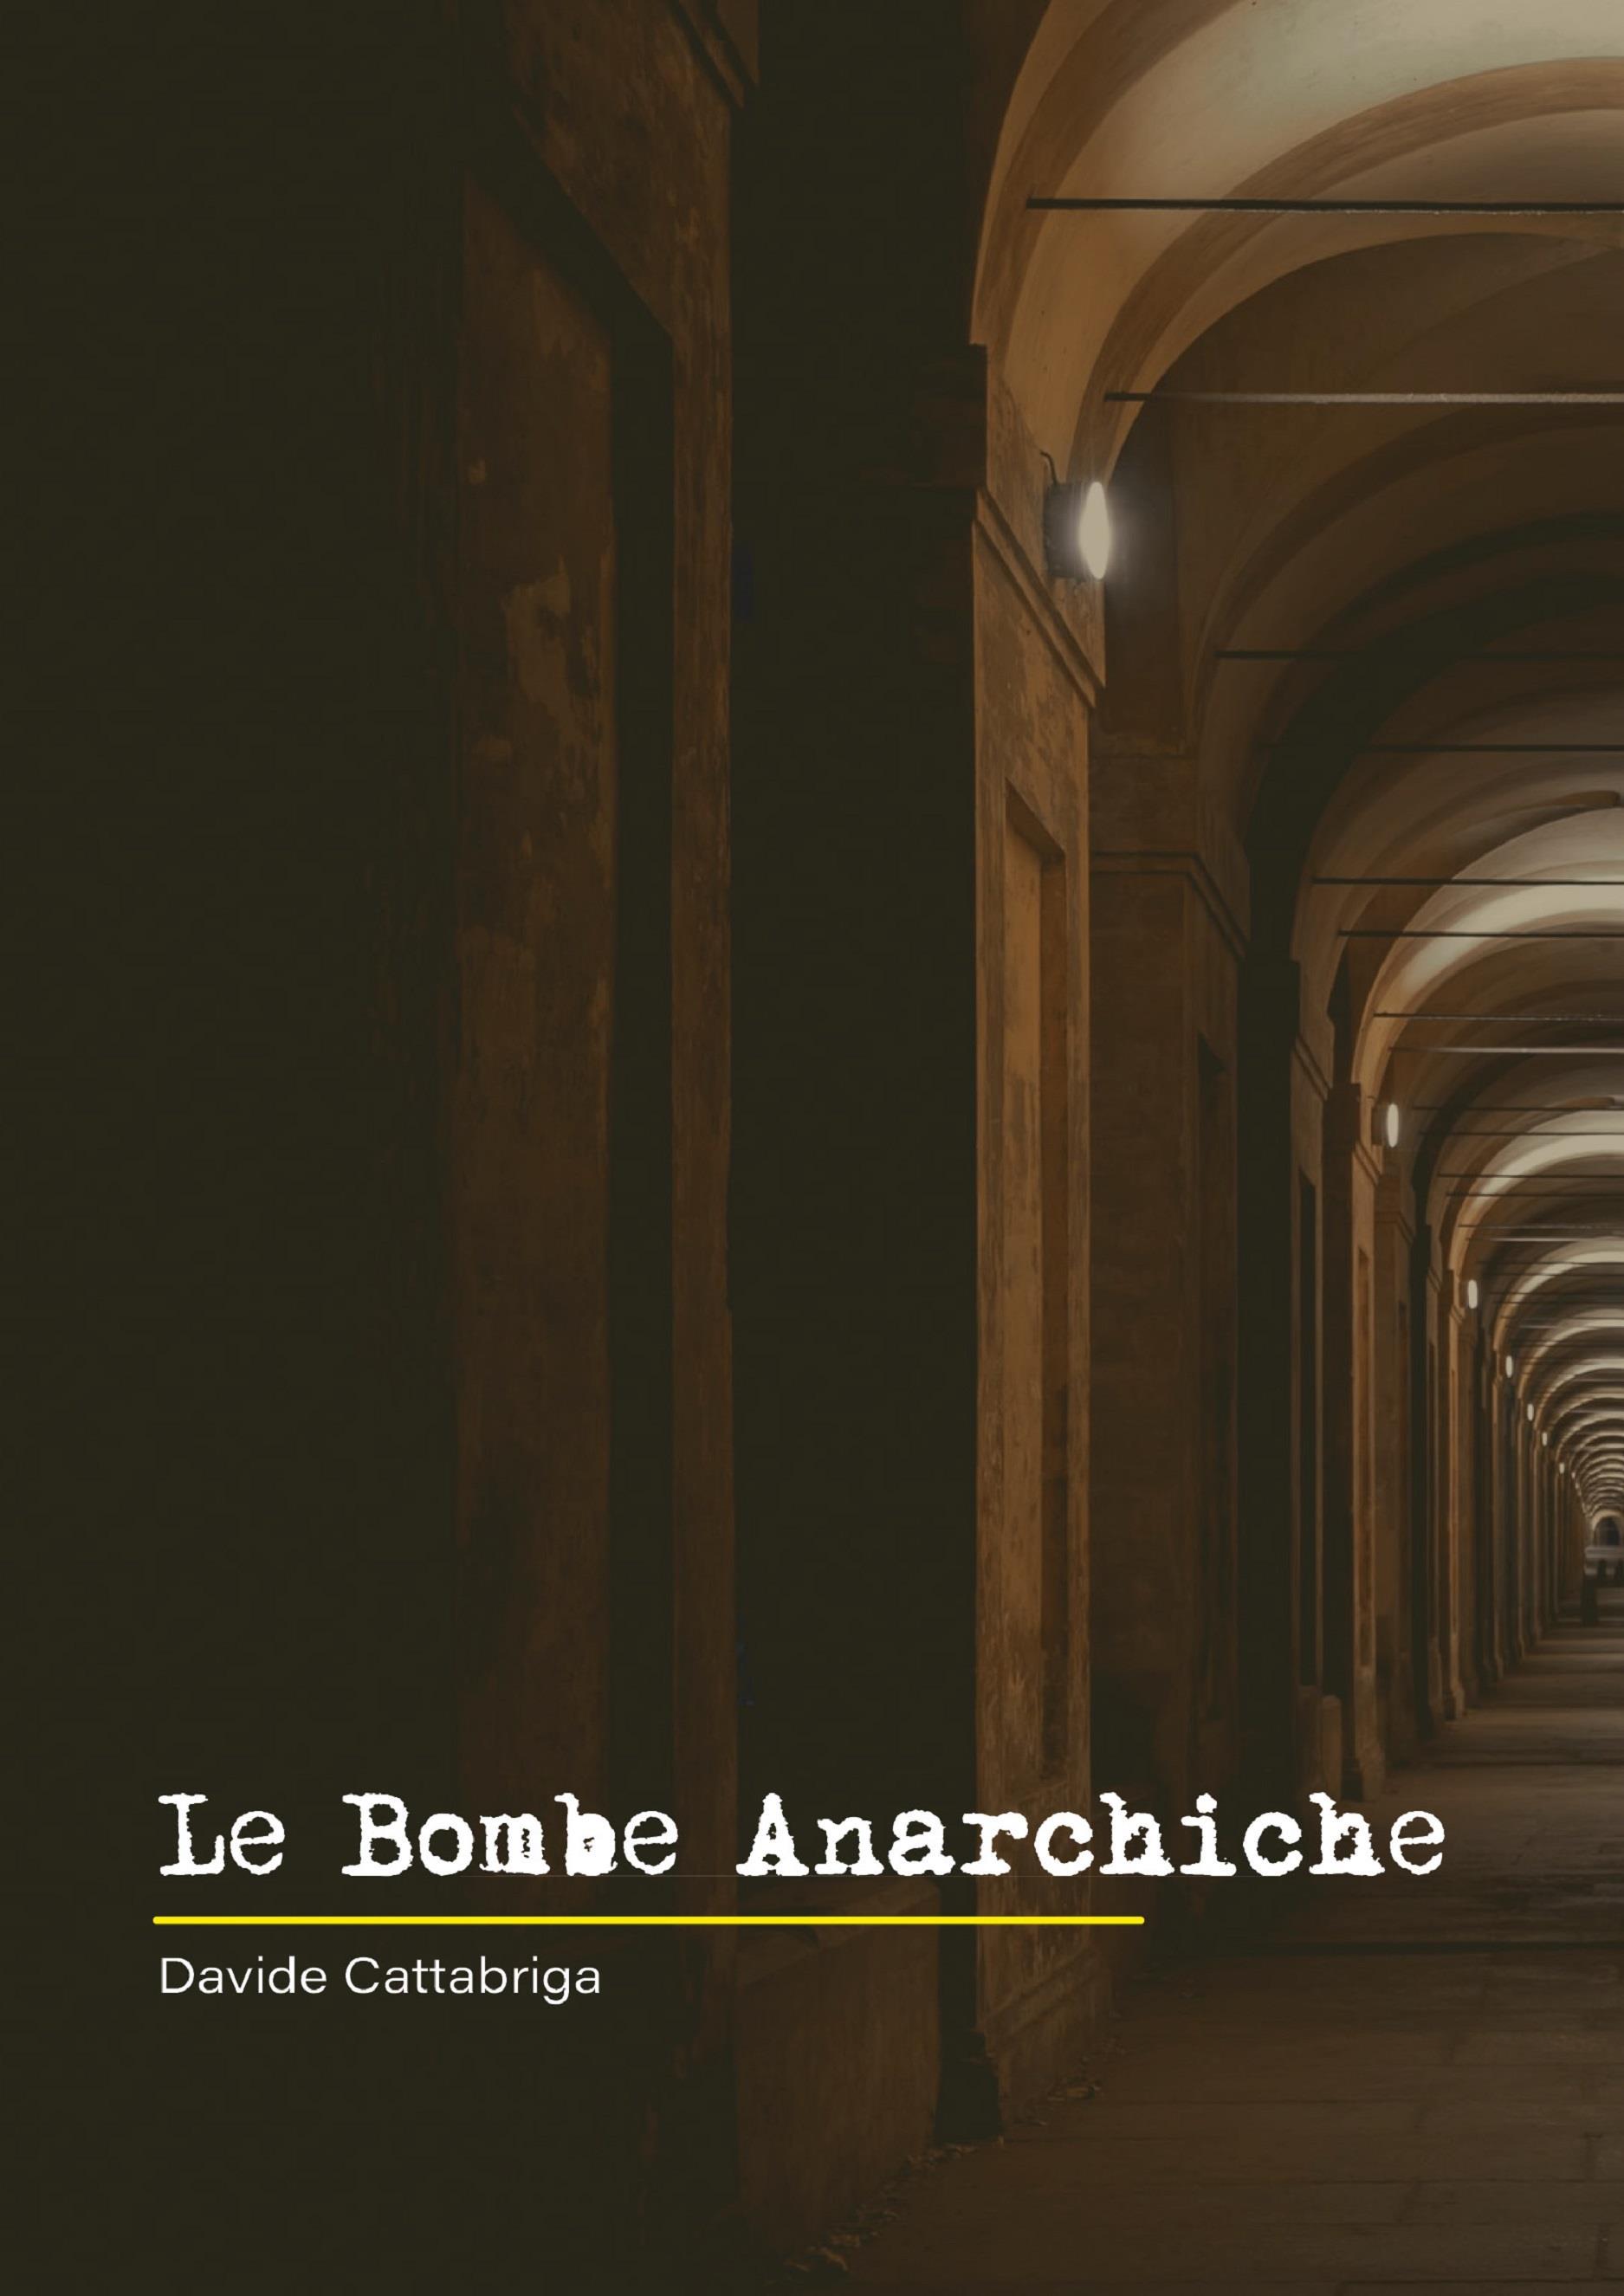 Le Bombe Anarchiche